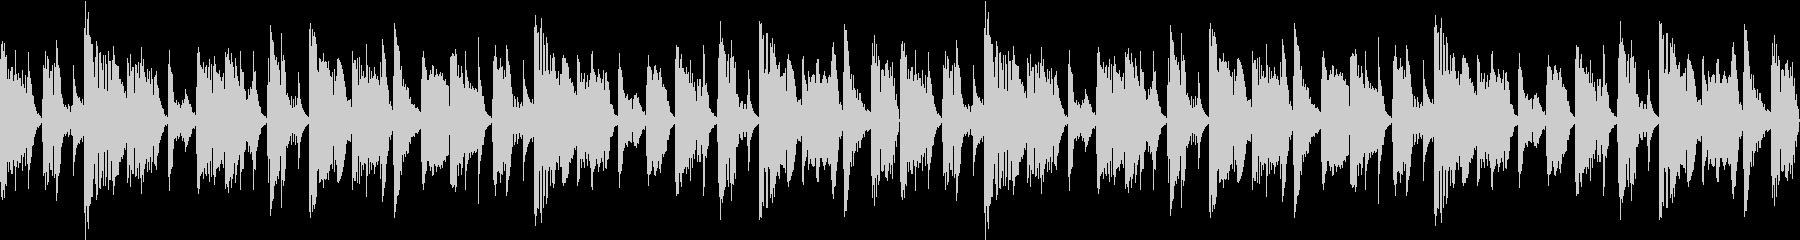 うねりのあるベースが印象的なBGMの未再生の波形